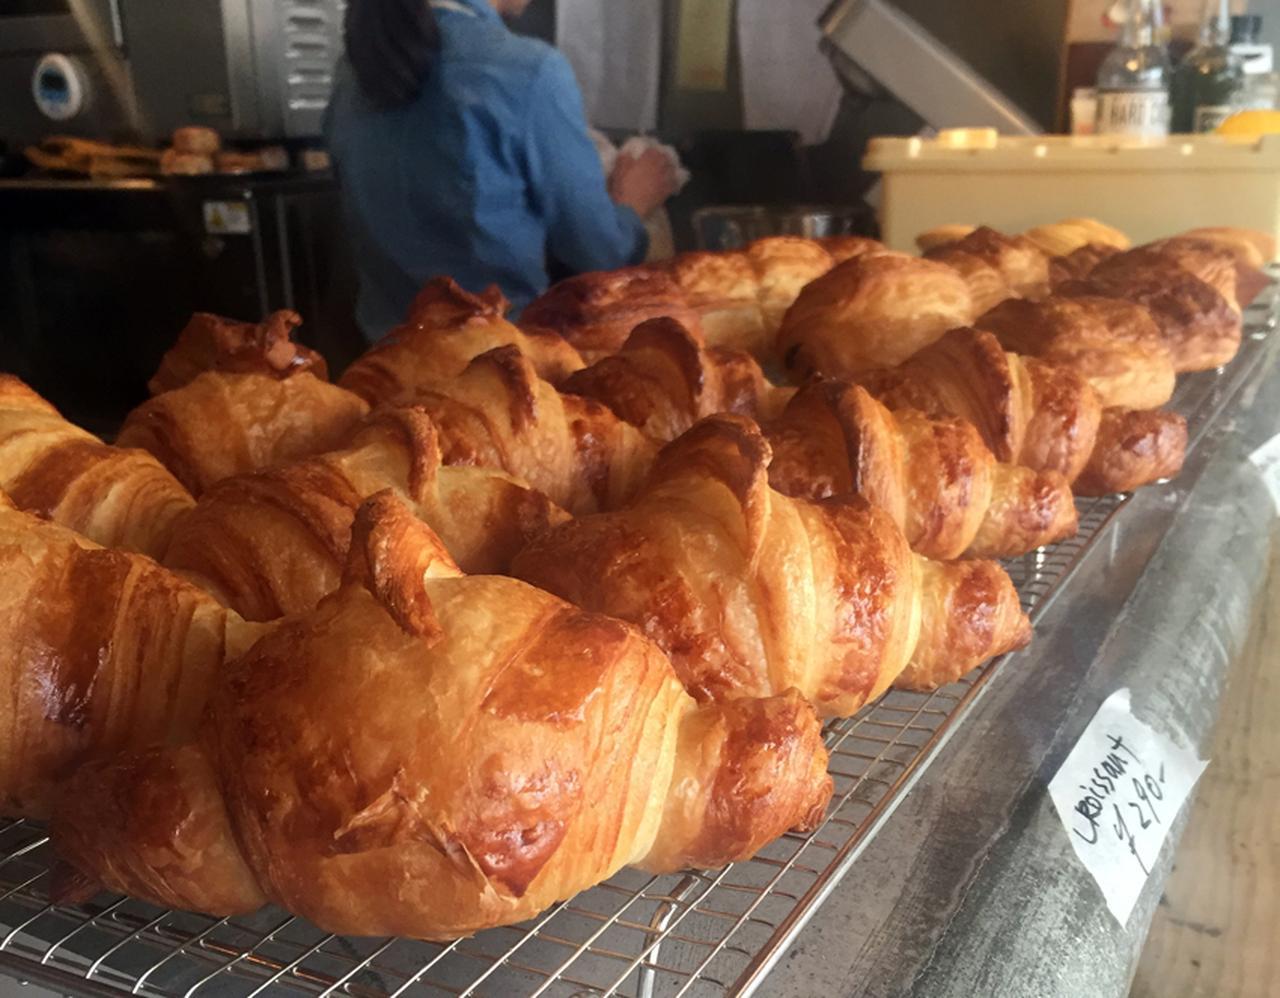 「他にはない肉厚とサクサク感」PATHのパン [FRaU]